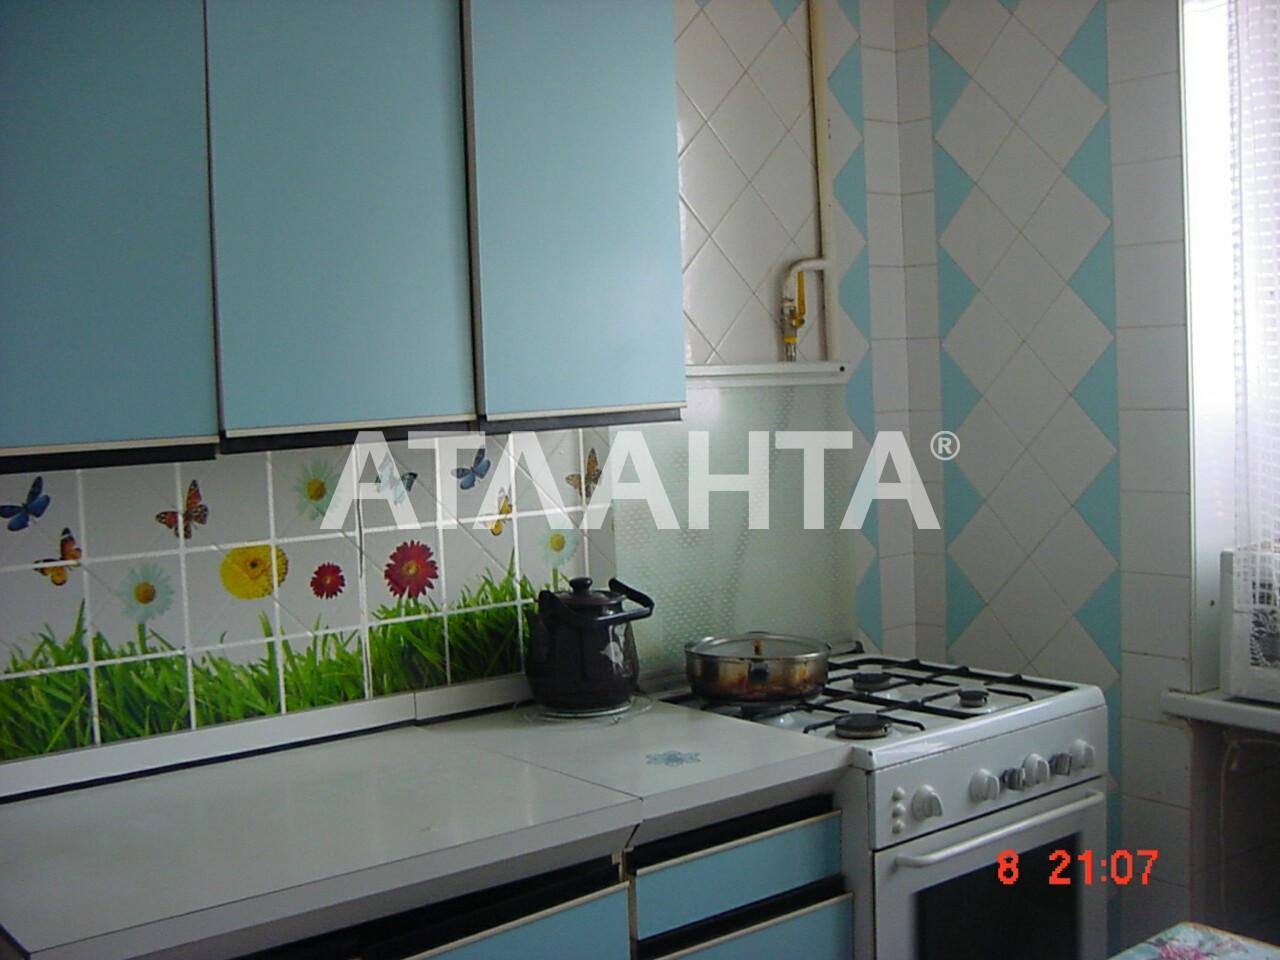 Продается 2-комнатная Квартира на ул. Николаевская Дор. (Котовская Дор.) — 40 000 у.е. (фото №4)